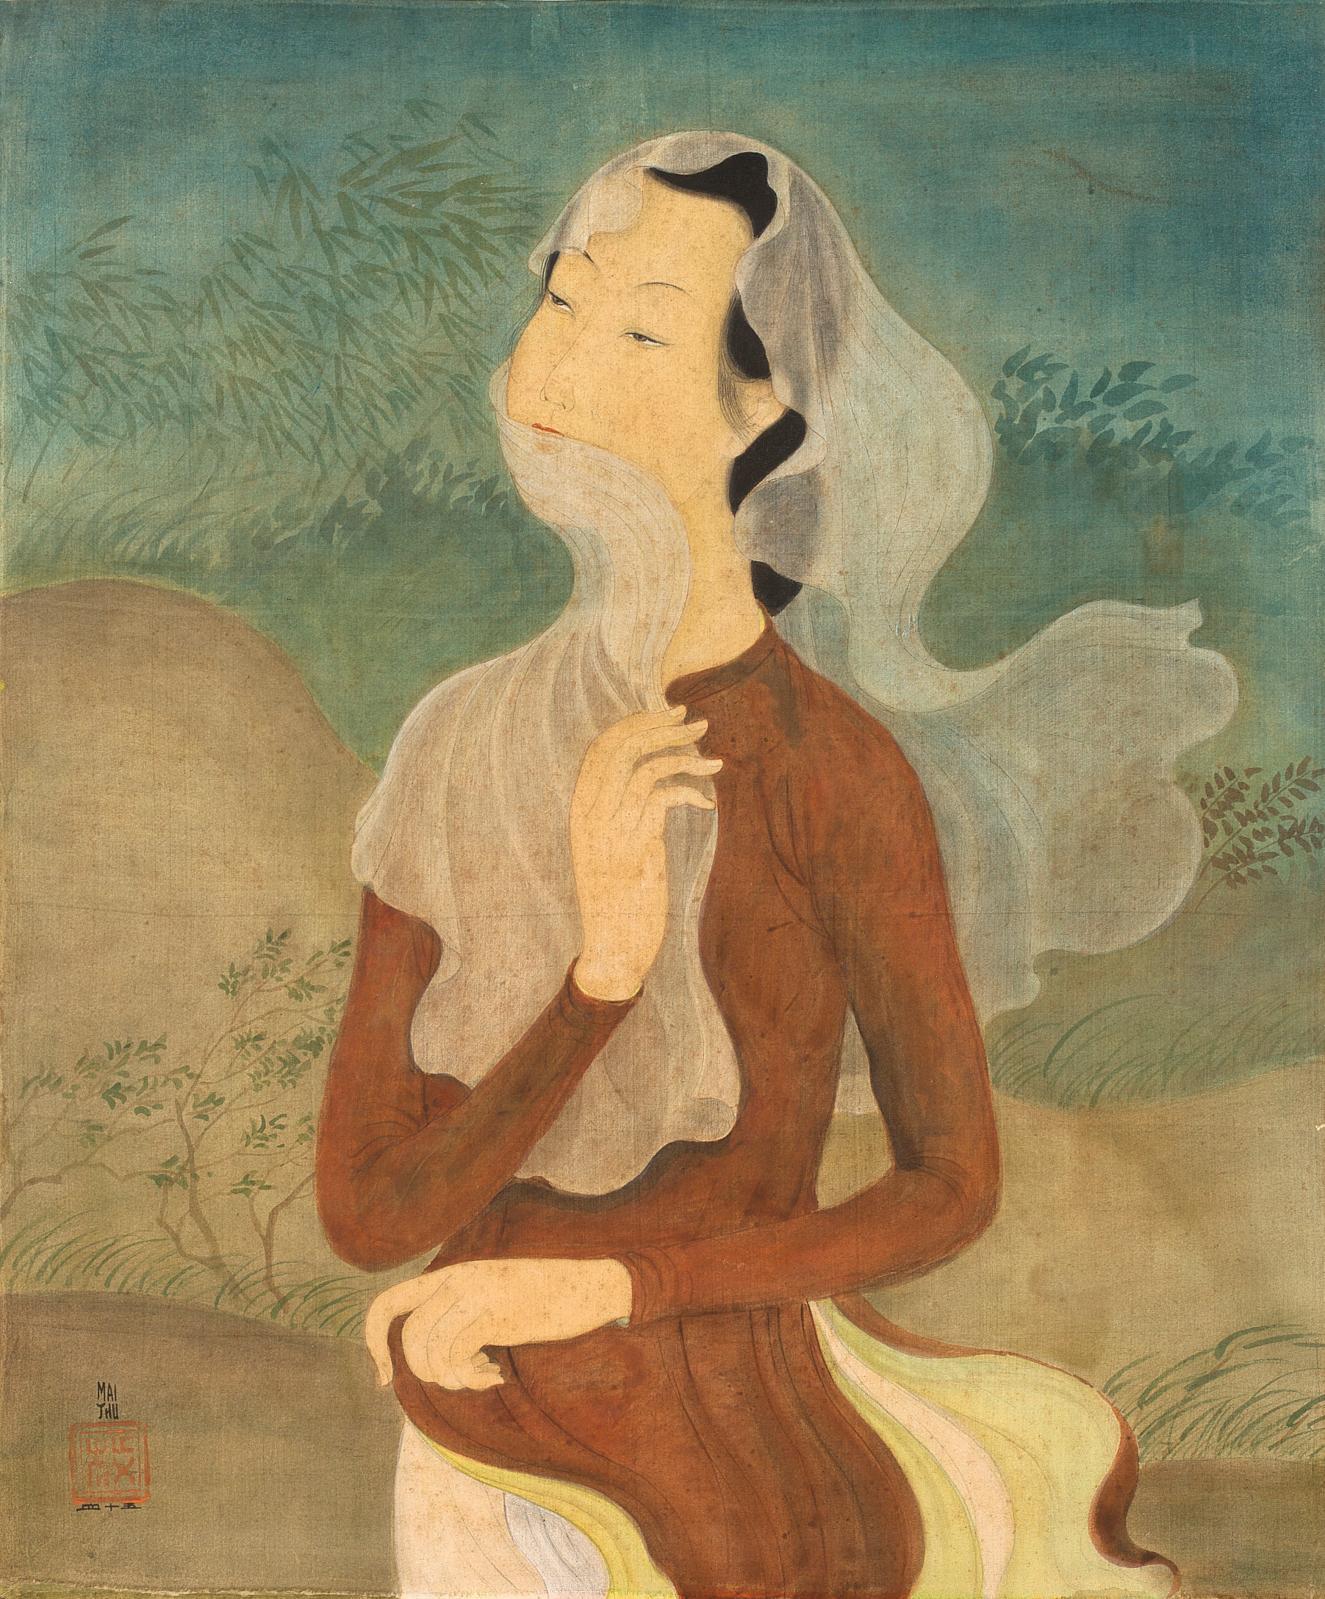 Sept encres et couleurs sur soie de Mai Trung Thu (1906-1980) sont au programme. Toutes représentent des femmes et des enfants, dans la si